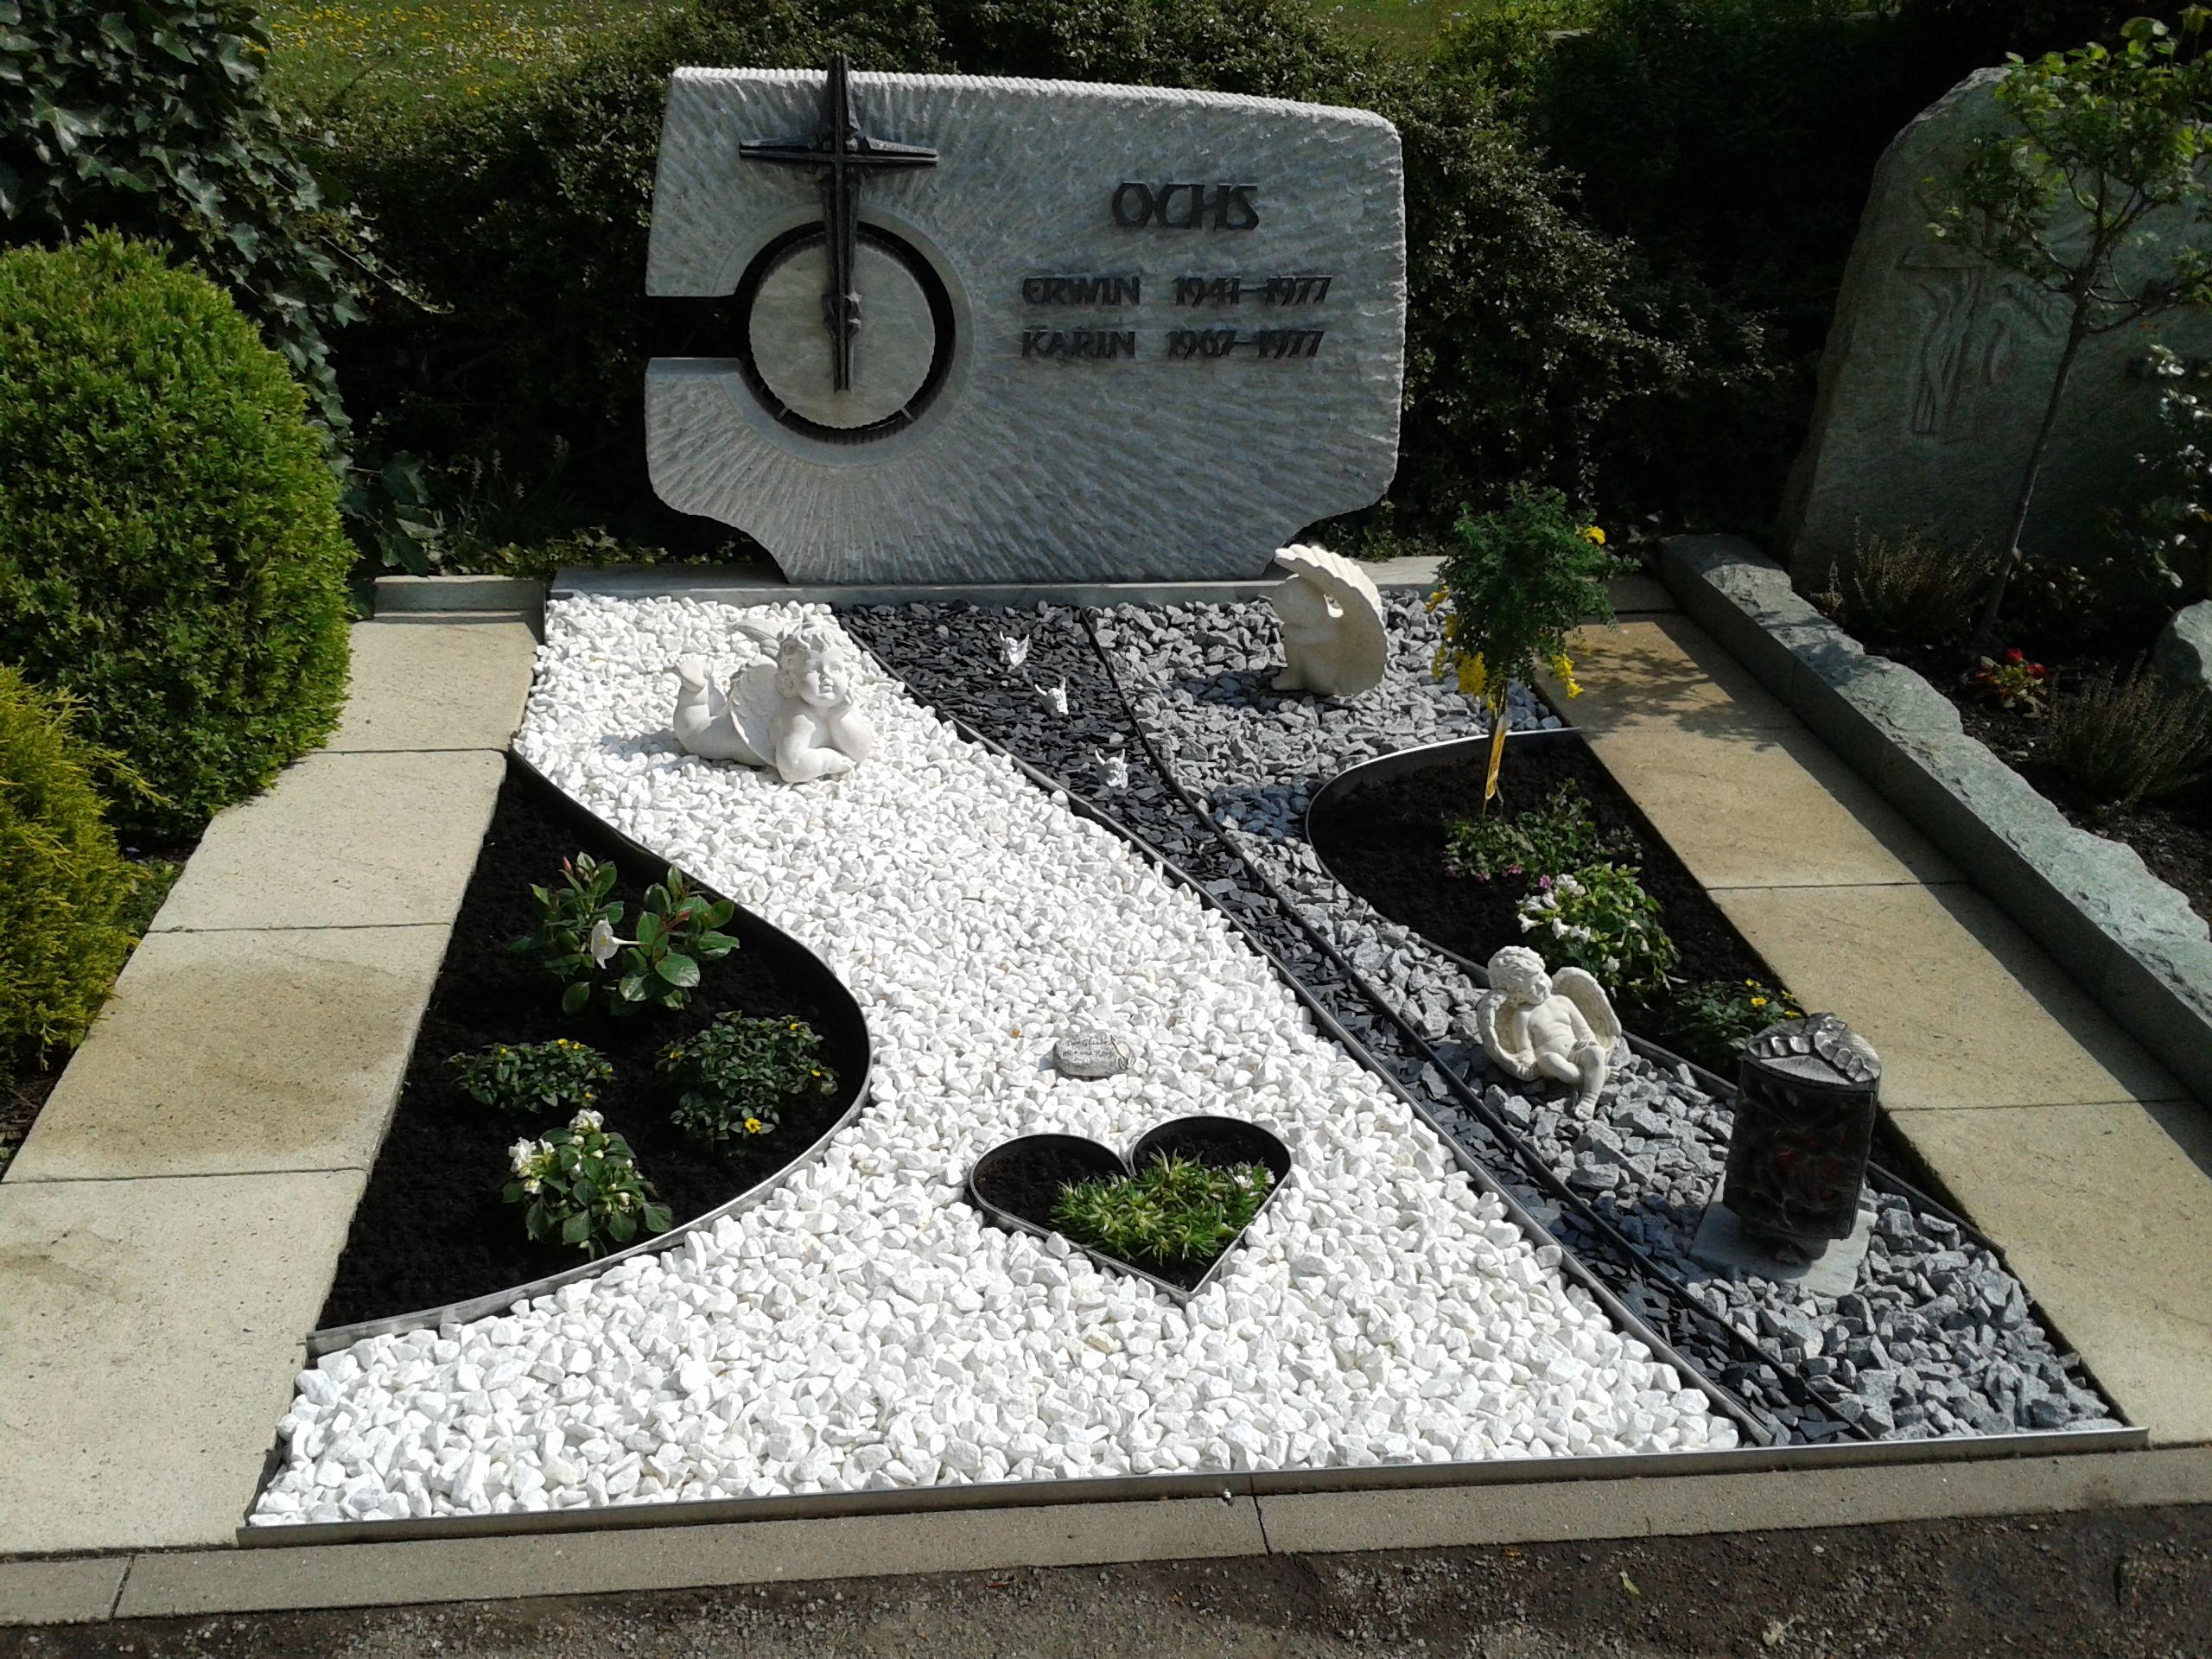 Grab gestalten gr ber gestalten grabgestaltung for Grabgestaltung mit steinen